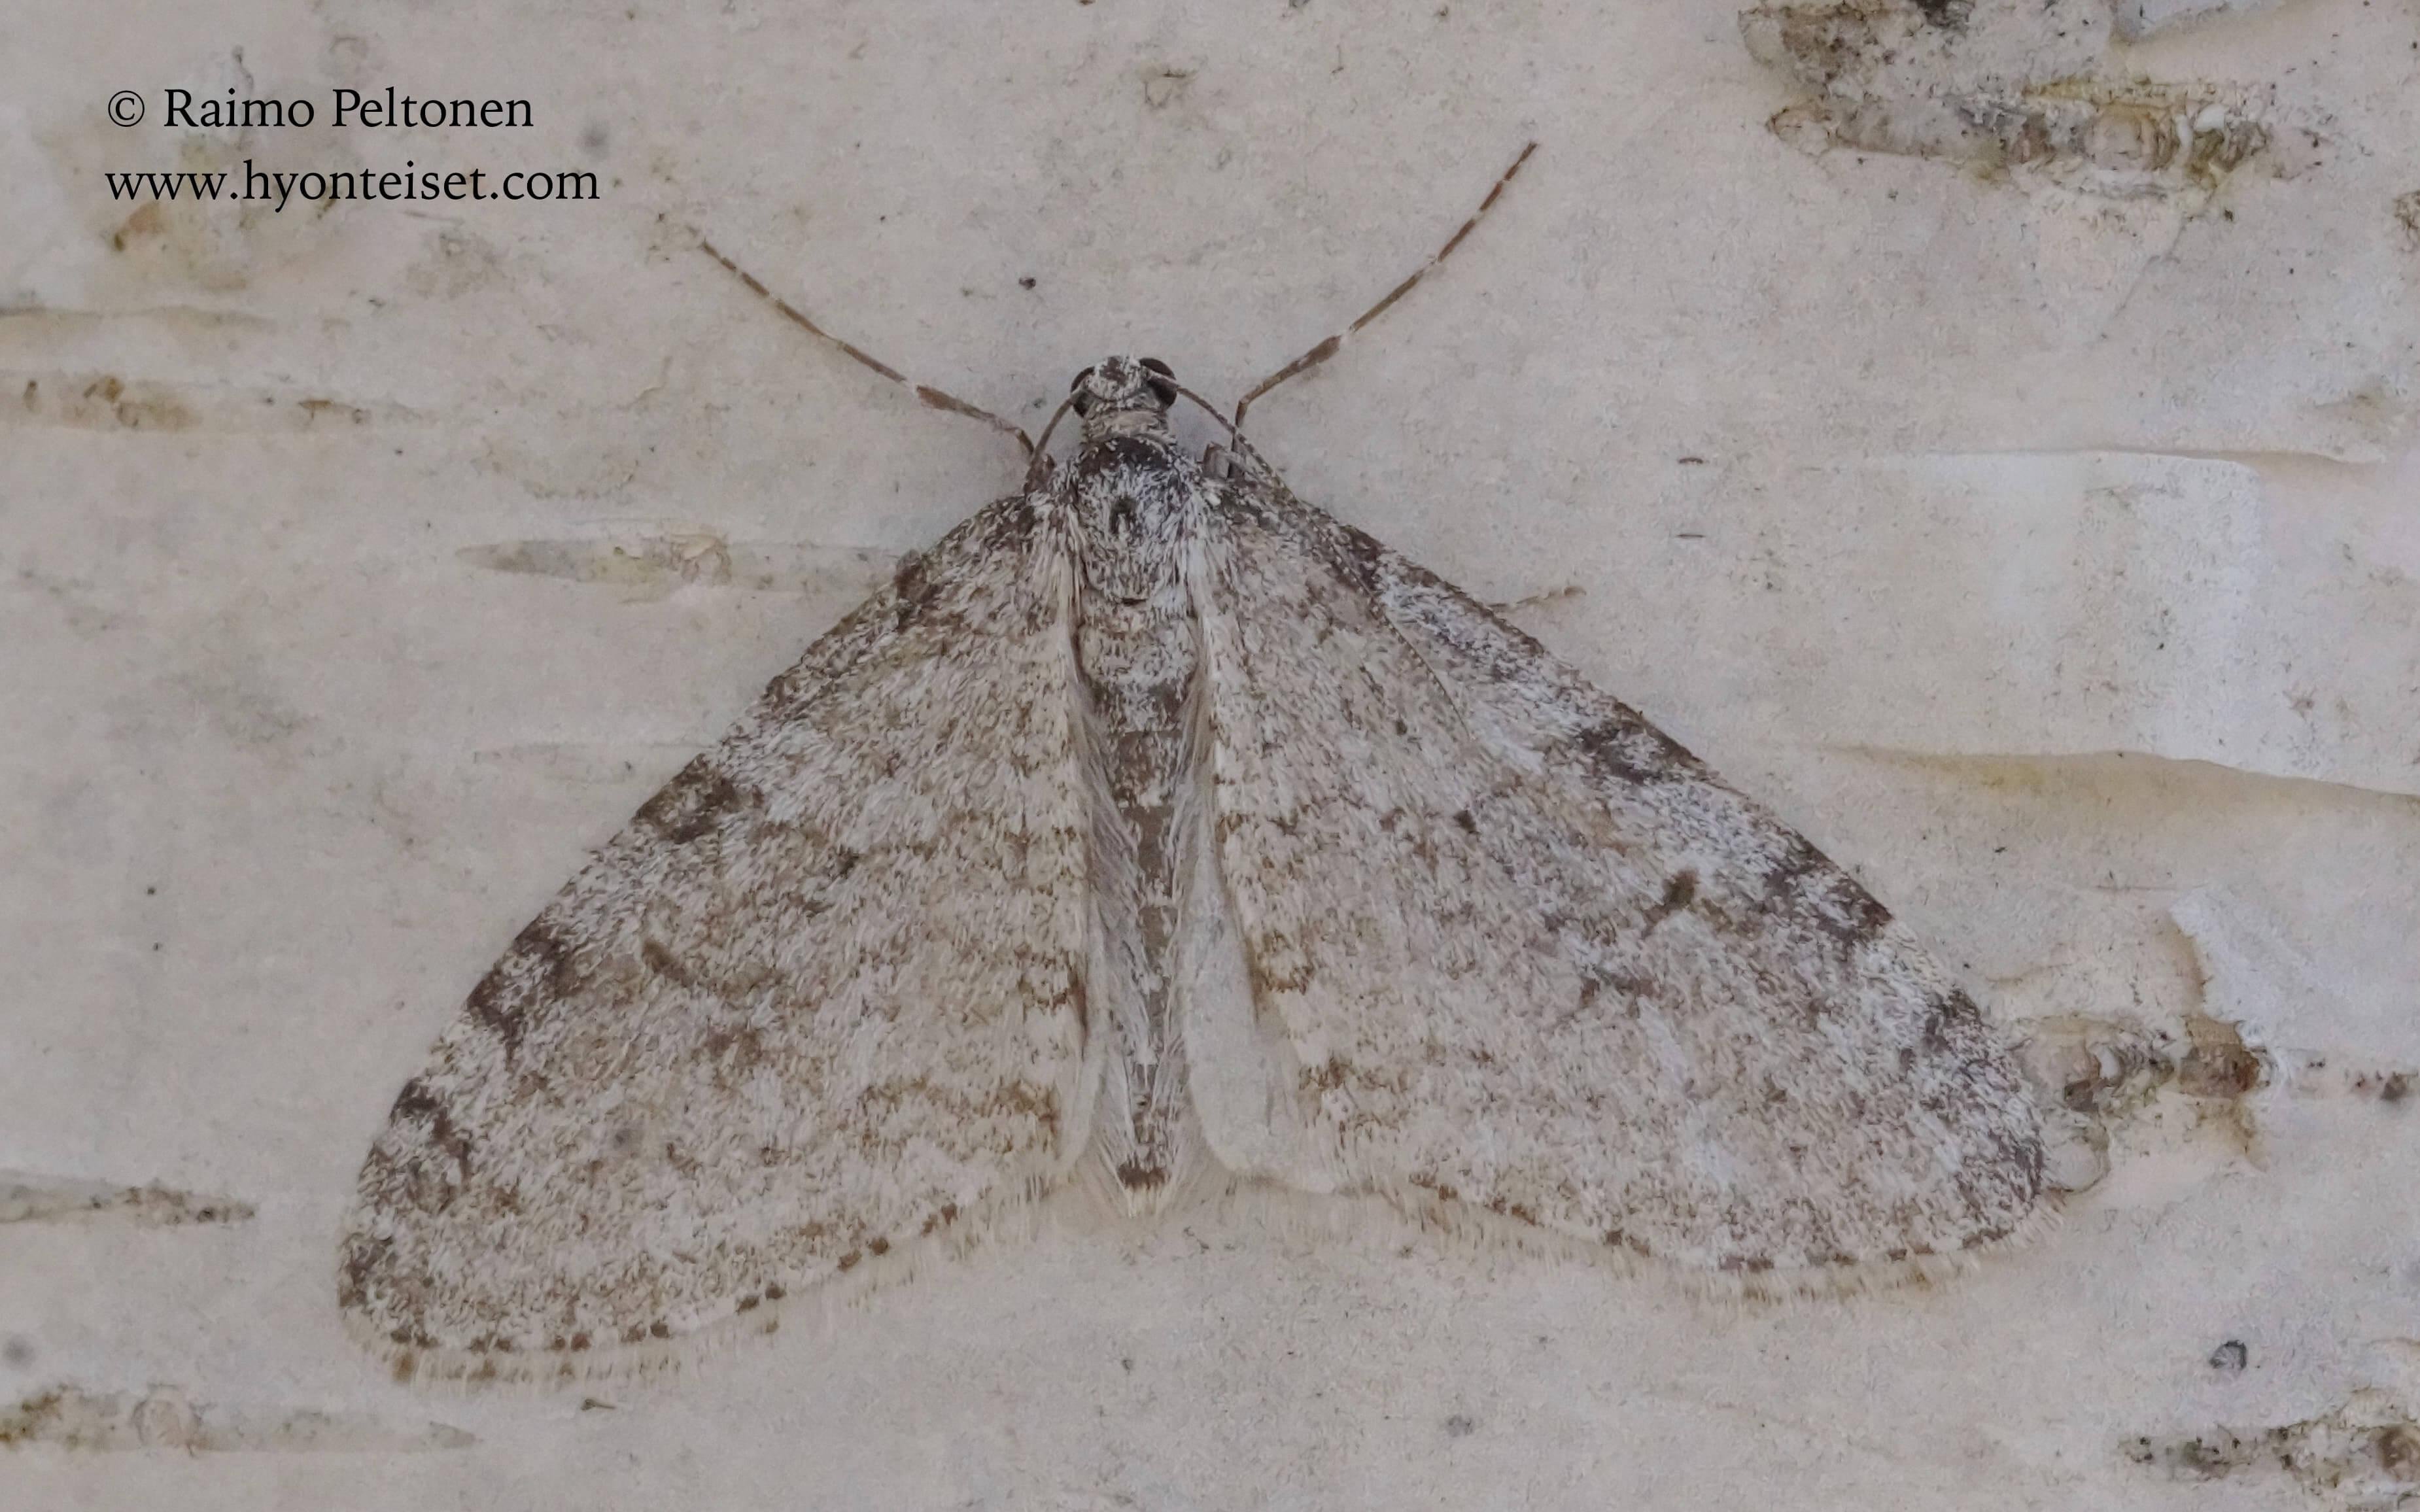 Trichopteryx carpinata-haapamittari (det. Harry Nyström), 24.5.2017 Jyväskylä